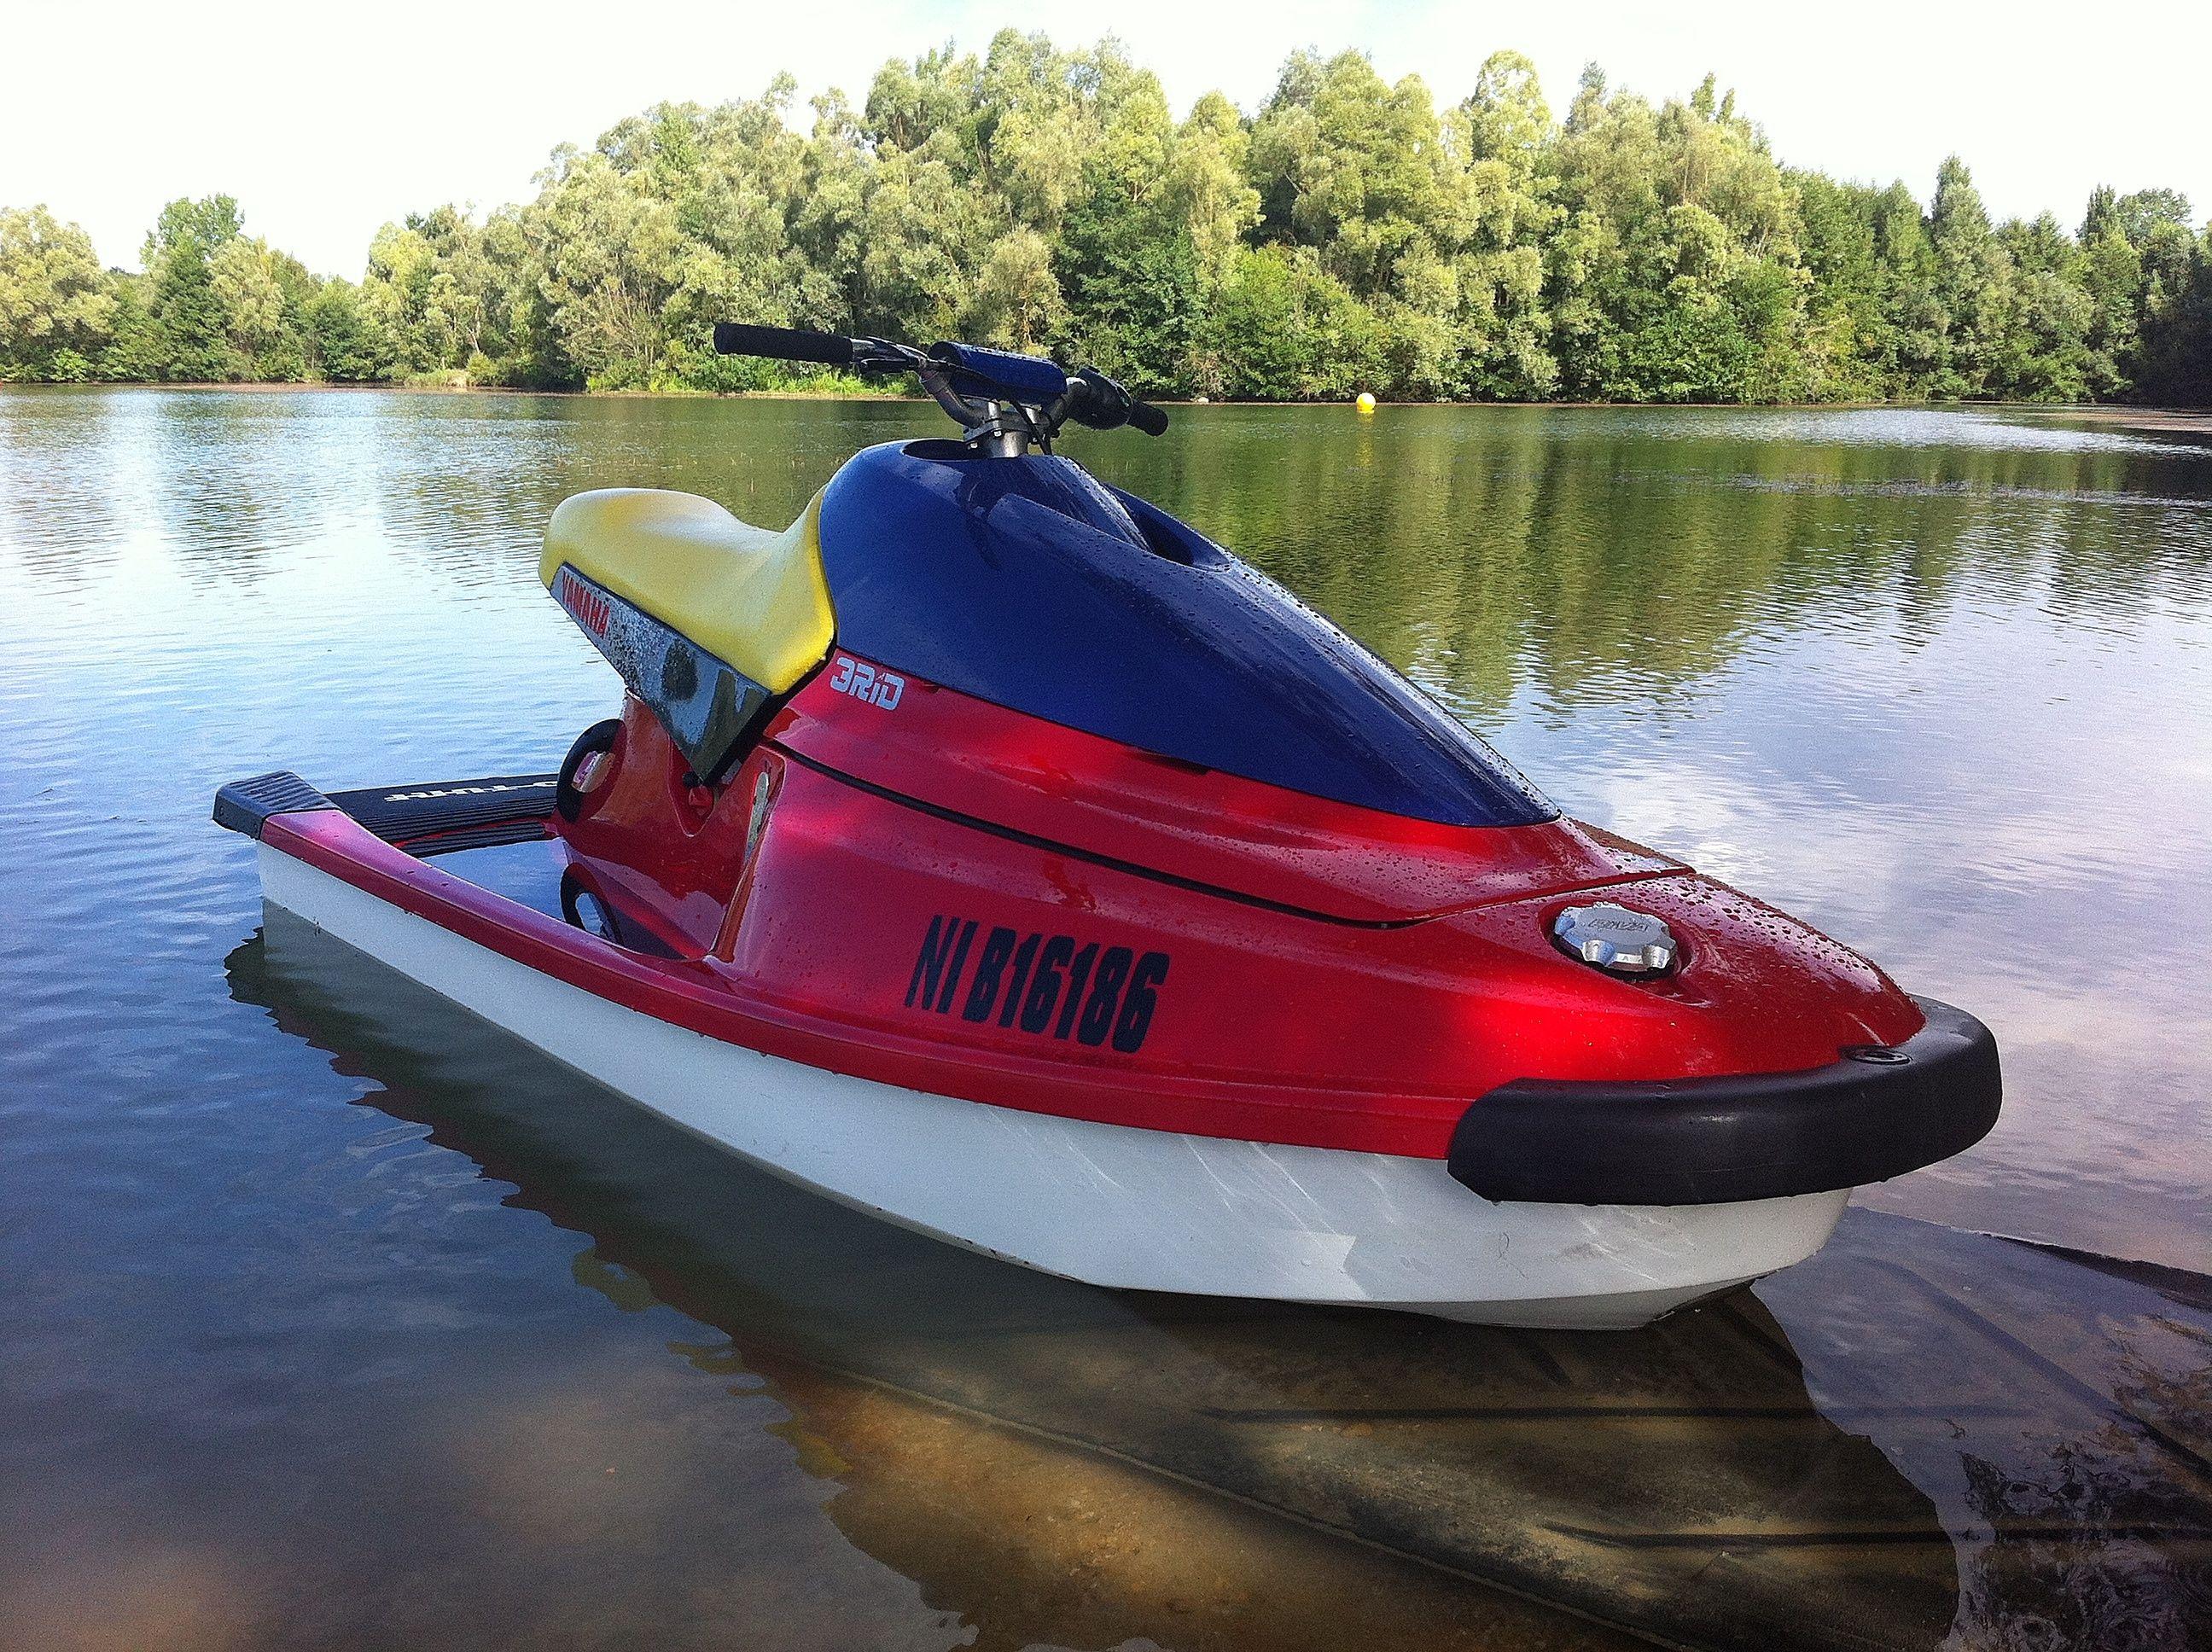 Blaster 1 760 | Waveblaster | Jet ski, Boat, Cars motorcycles